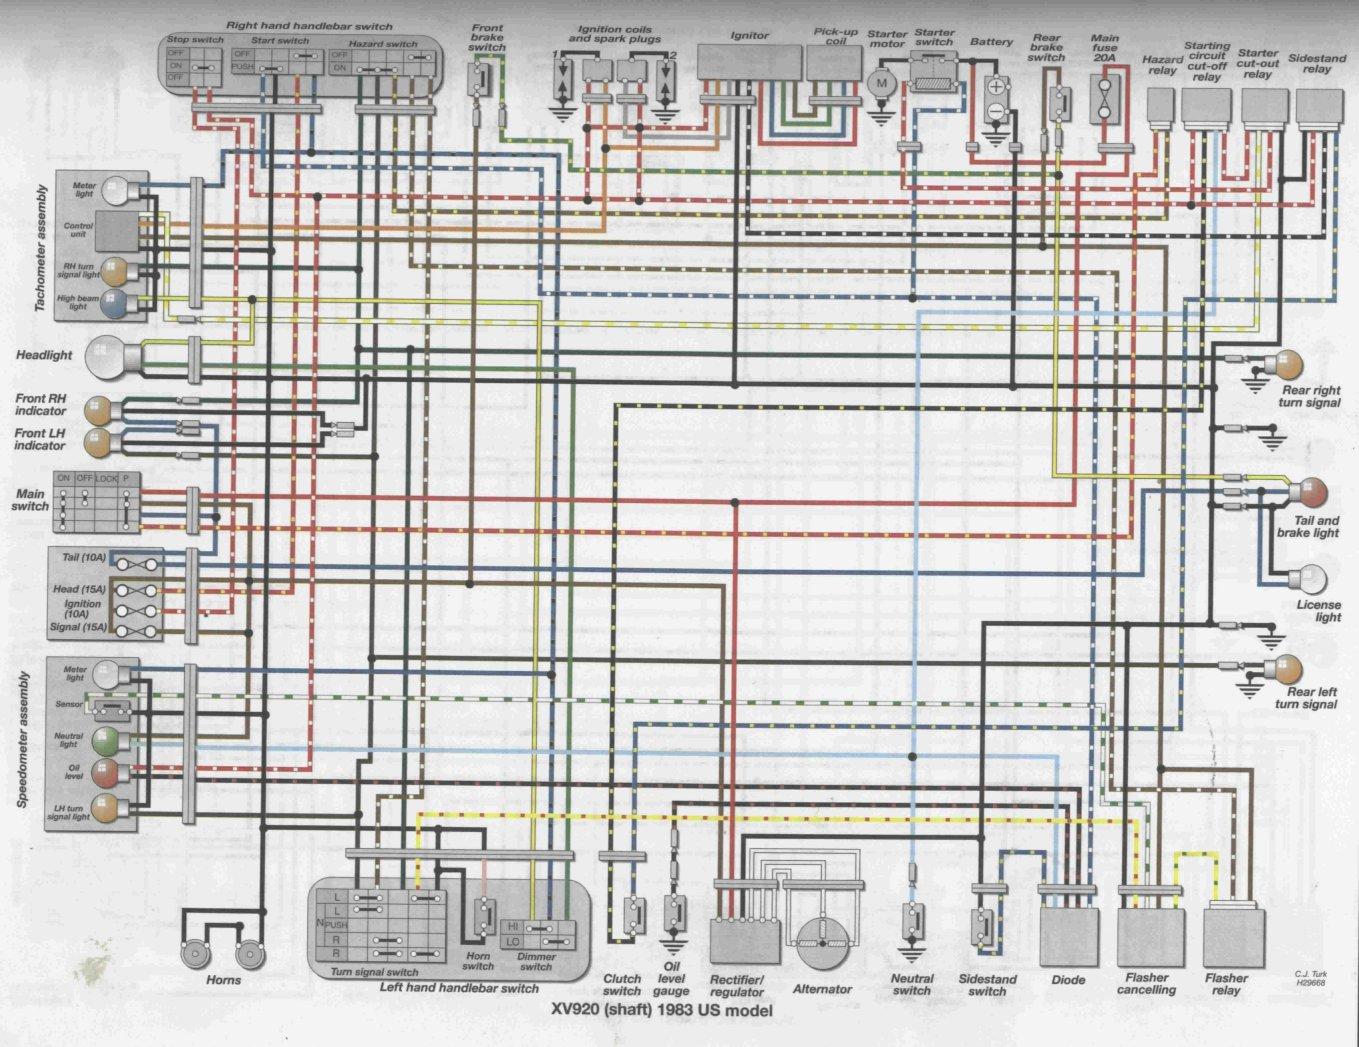 81 virago 750 wiring diagram wiring diagram rh c46 mikroflex de 1996 yamaha virago 1100 wiring diagram 1993 yamaha virago 1100 wiring diagram